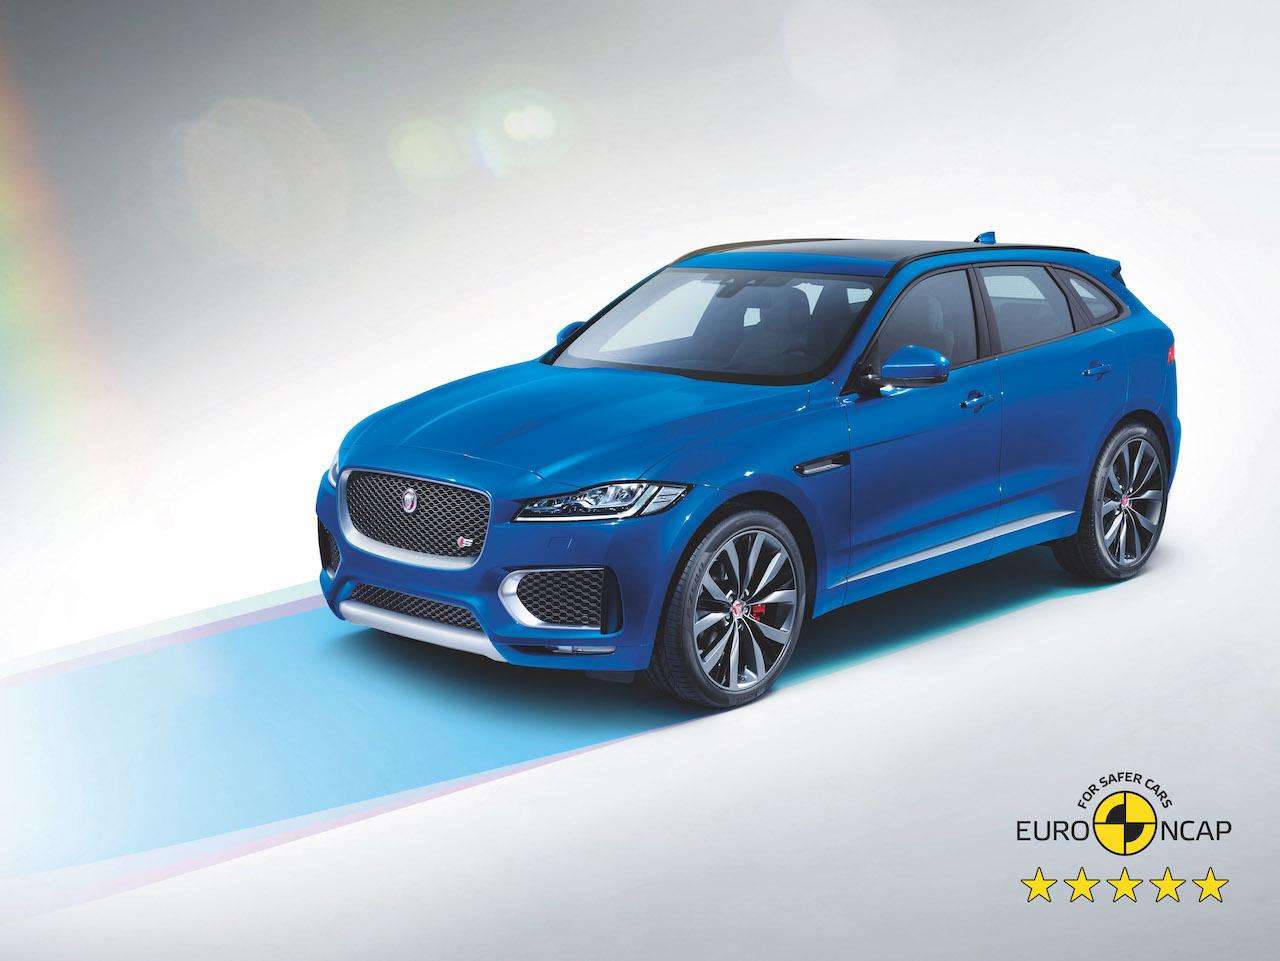 Jaguar F-Pace og E-Pace með 5 öryggisstjörnur hjá Euro NCAP